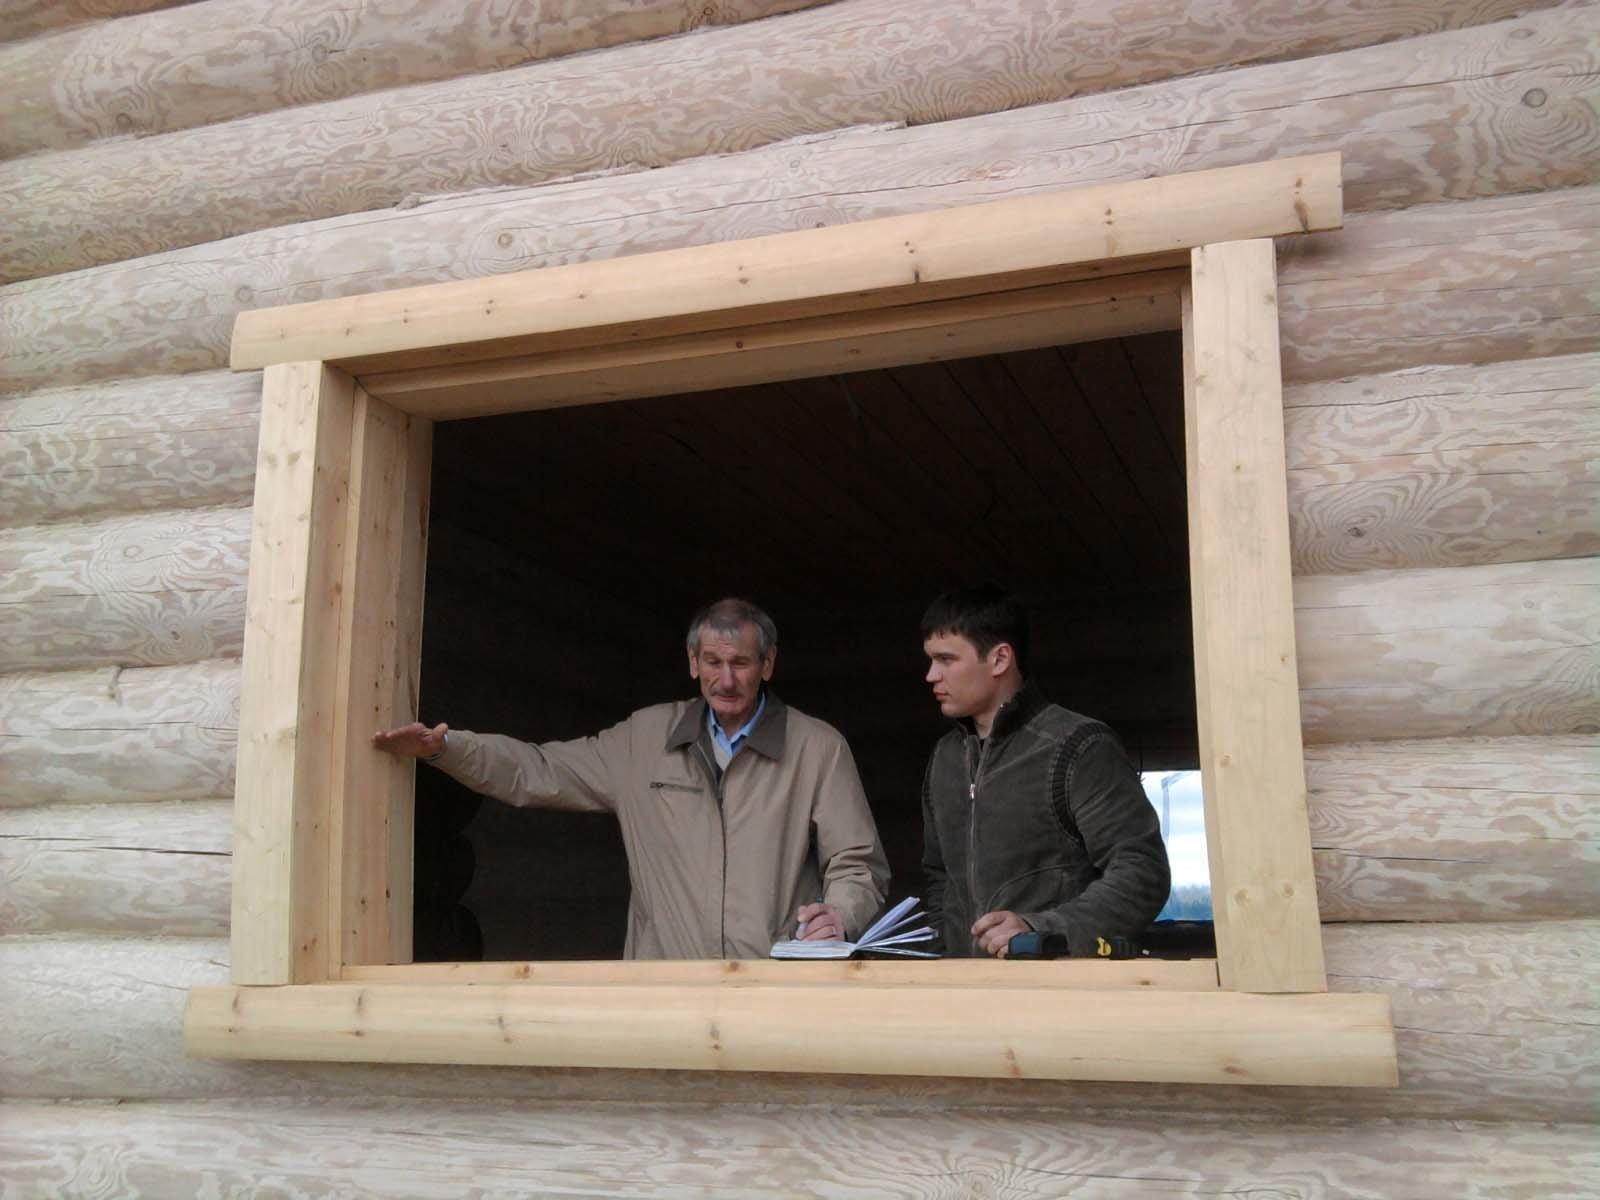 Монтаж металлопластикового окна в доме из дерева своими руками